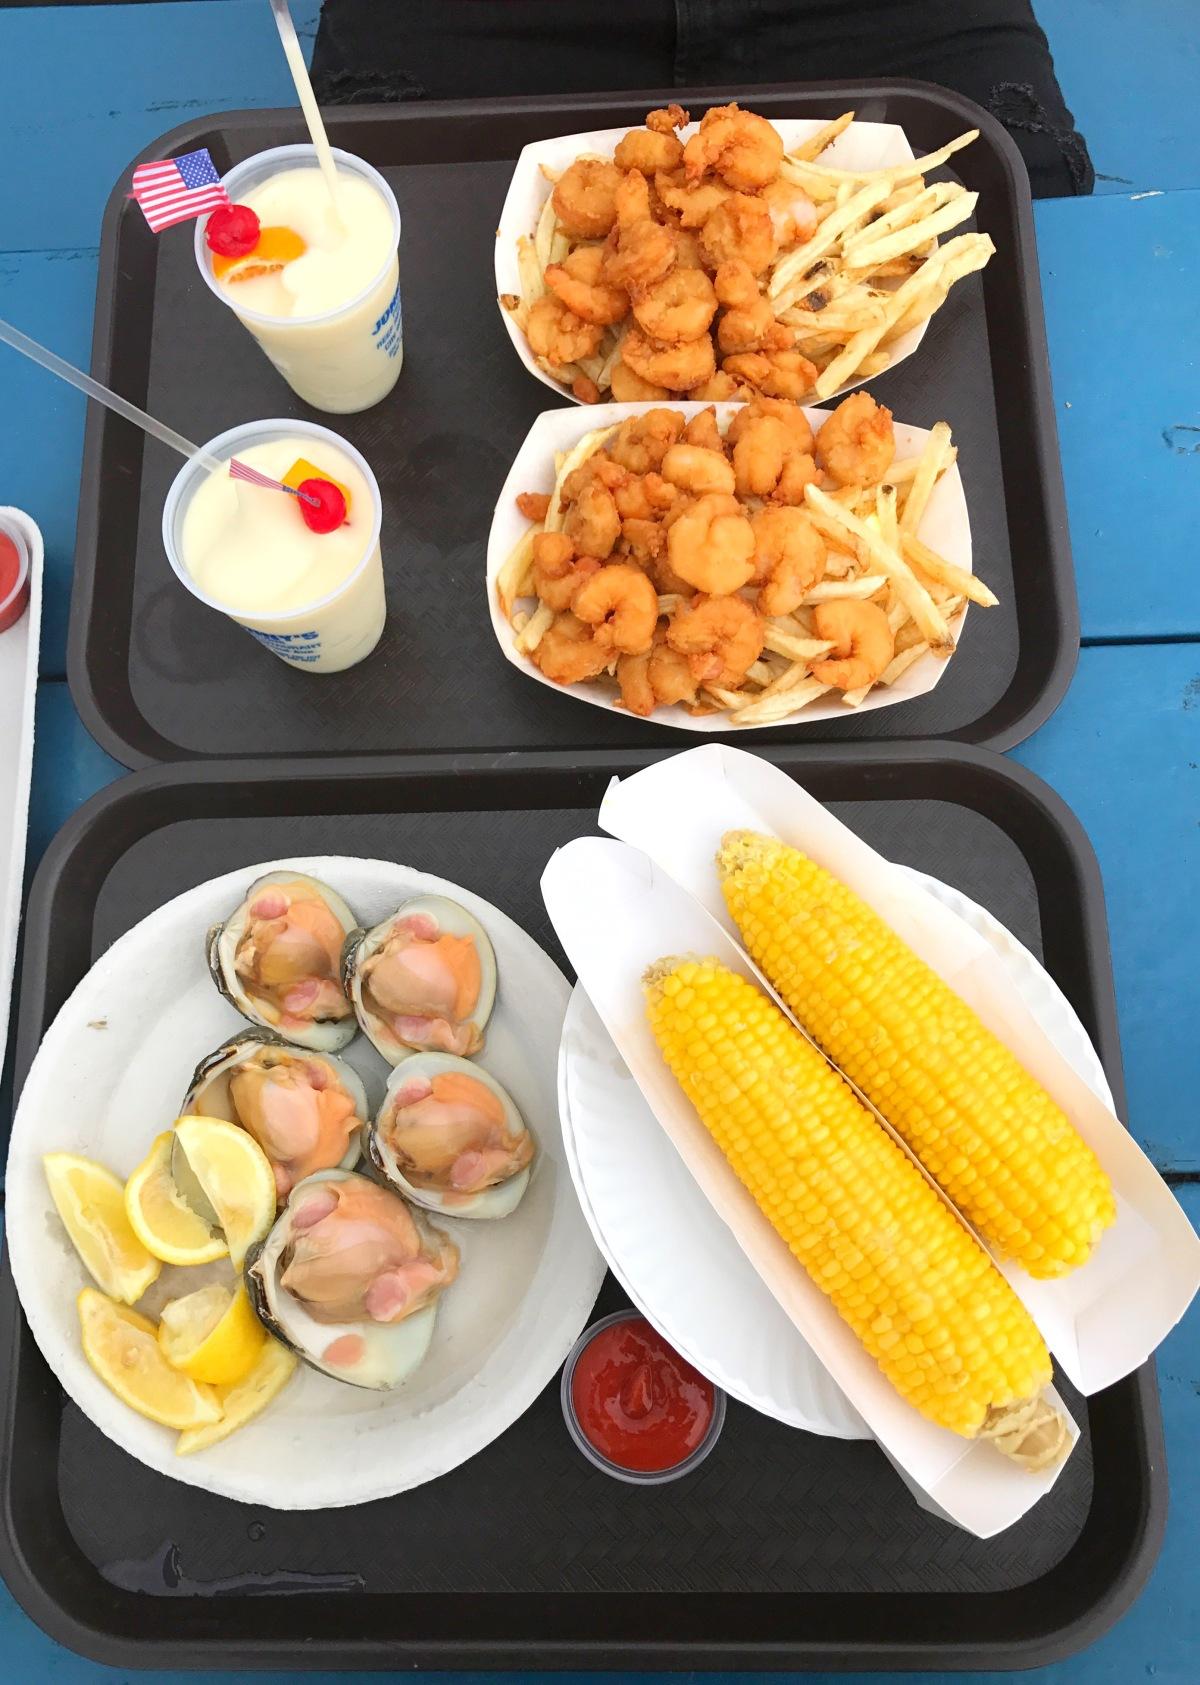 Johnnys reef food options